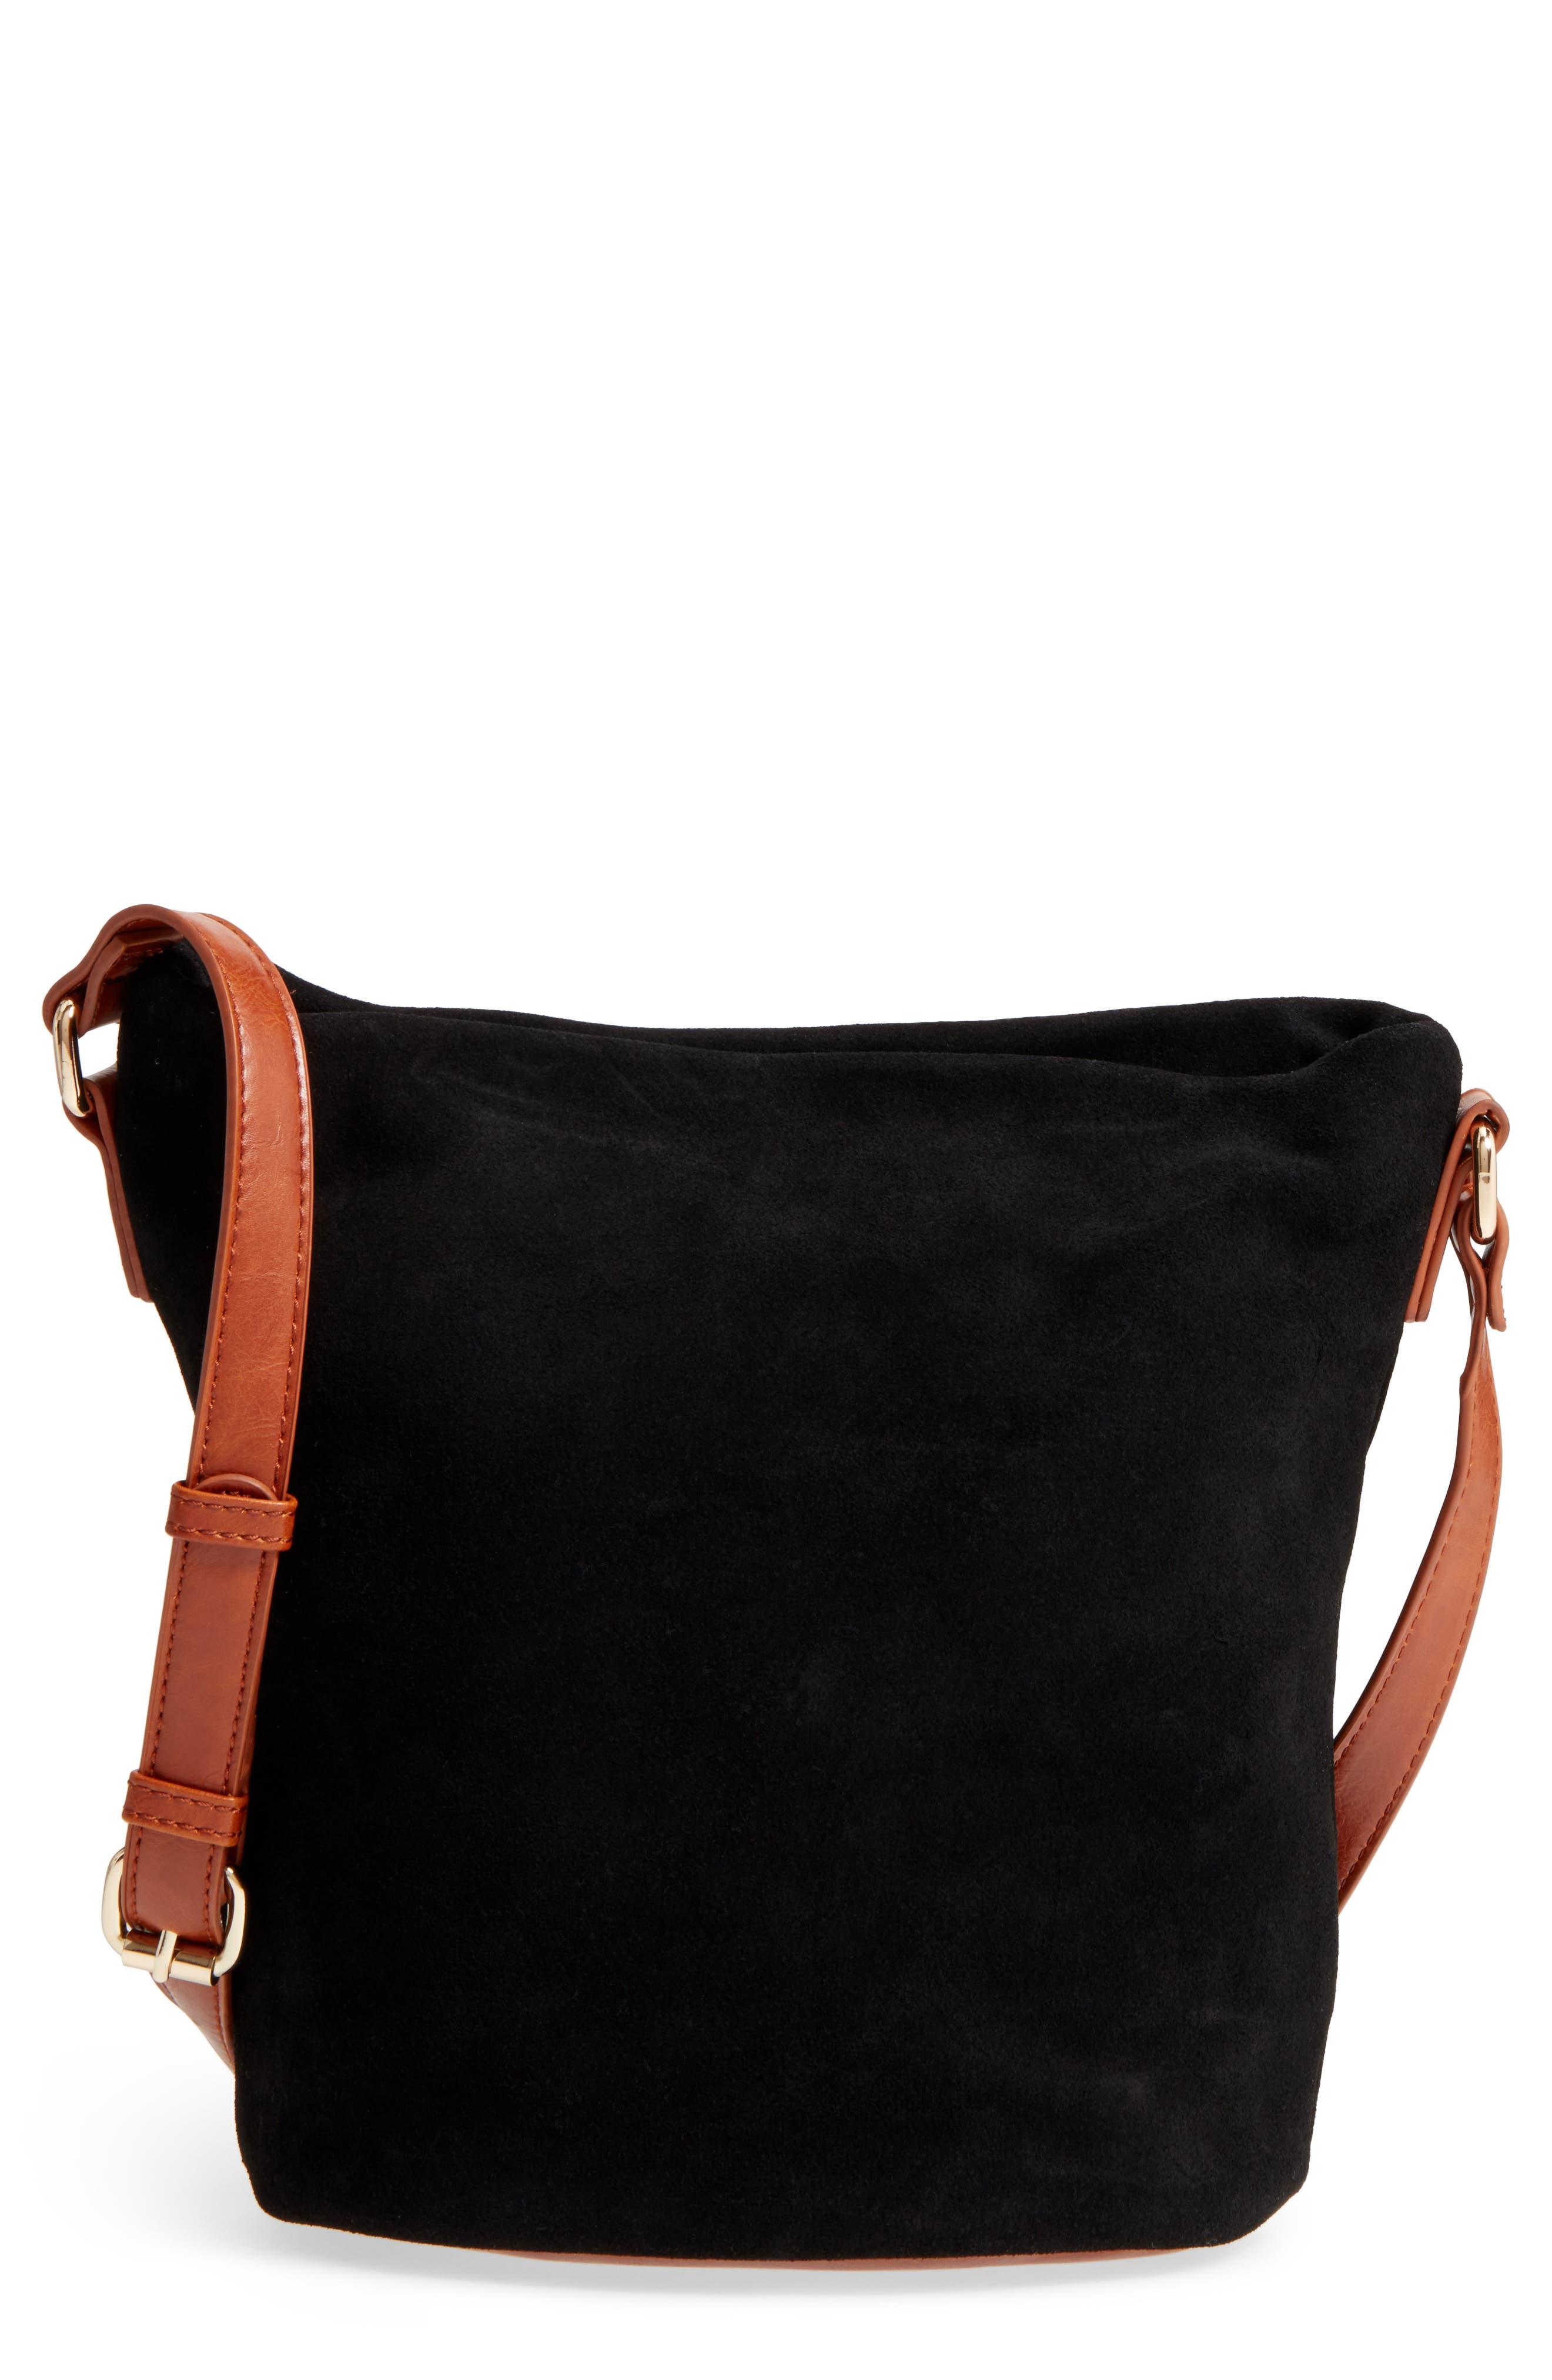 Lana Slouchy Suede Crossbody Bag,                         Main,                         color, Black Cognac